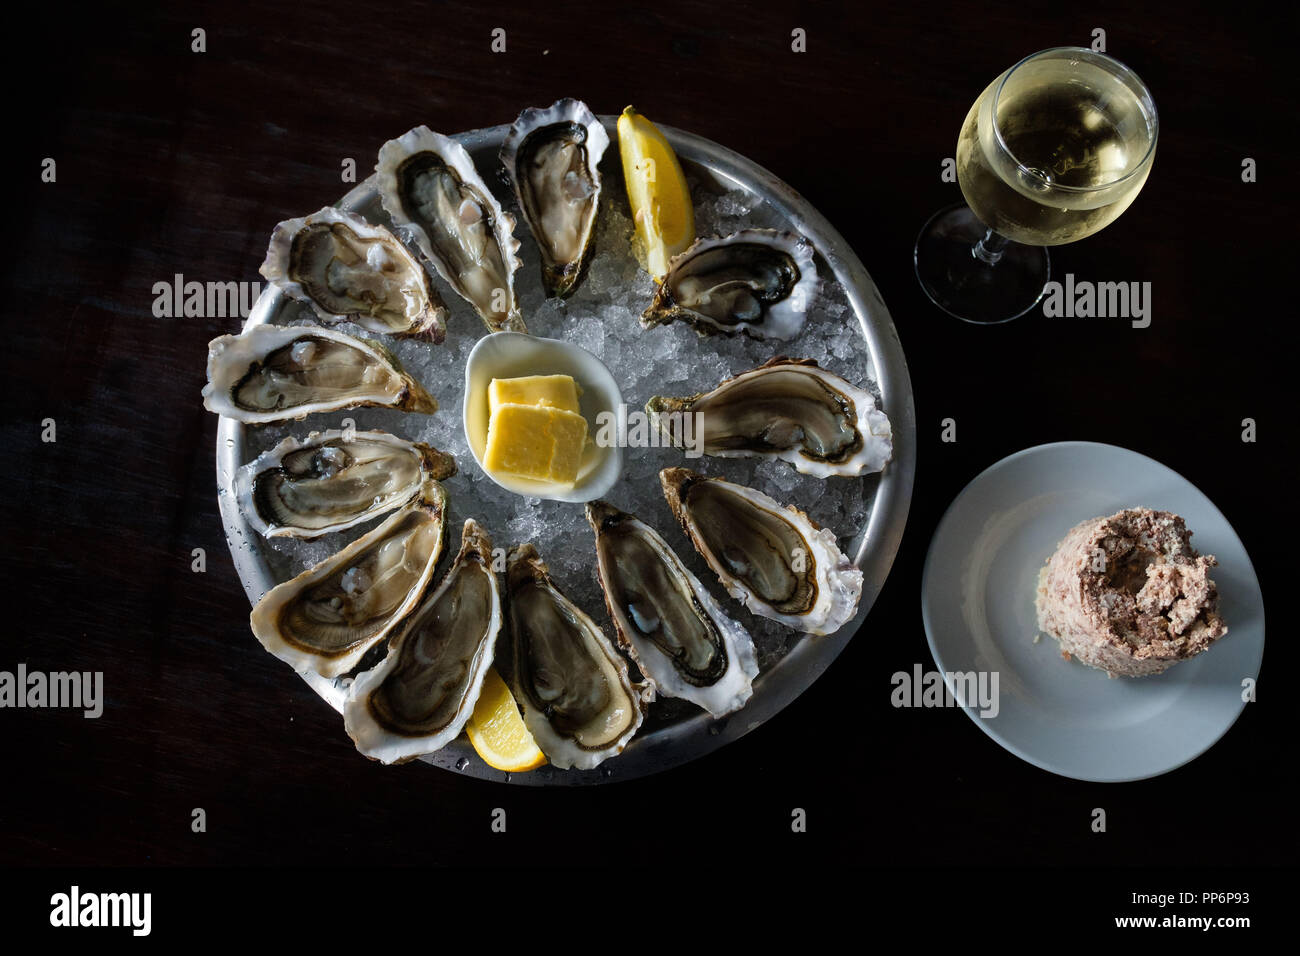 Platte der Austern aus der Bucht von Arcachon. Austern auf einem Bett aus Eis mit Zitrone, Butter, ein Glas Wein und ein paar Pastete Stockbild